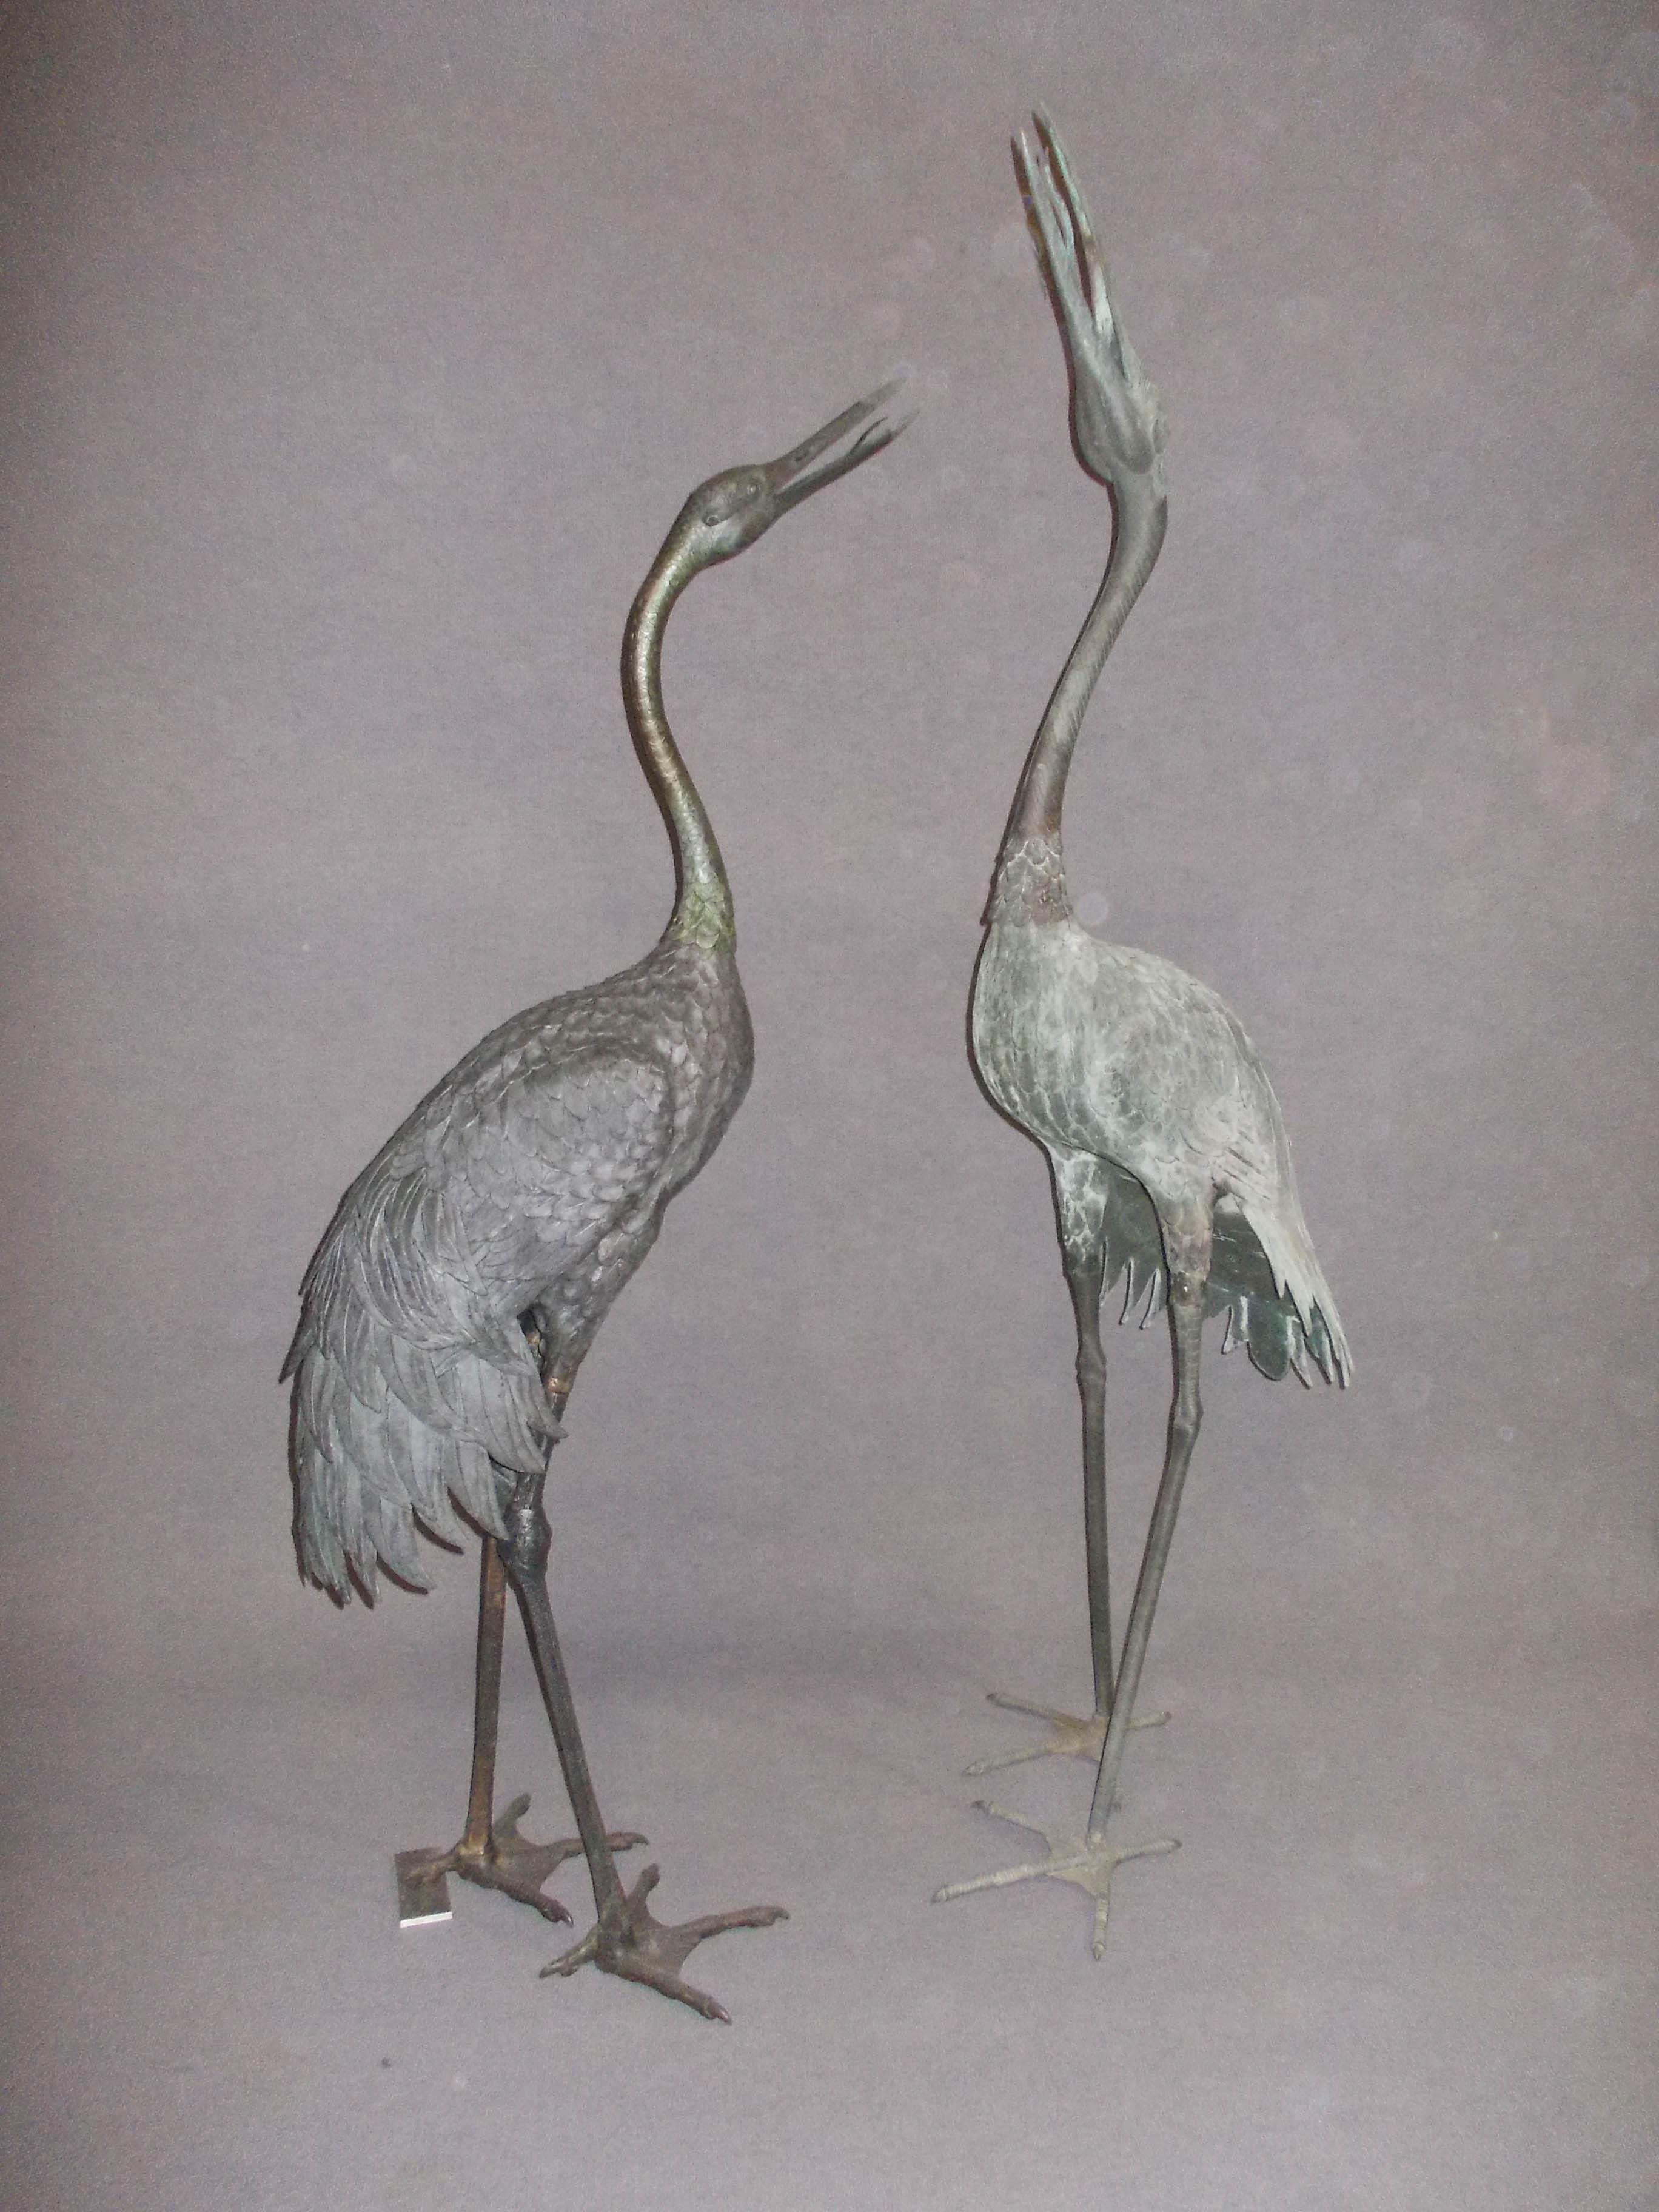 ... Cranes U2013 Garden Ornaments. Click To Enlarge